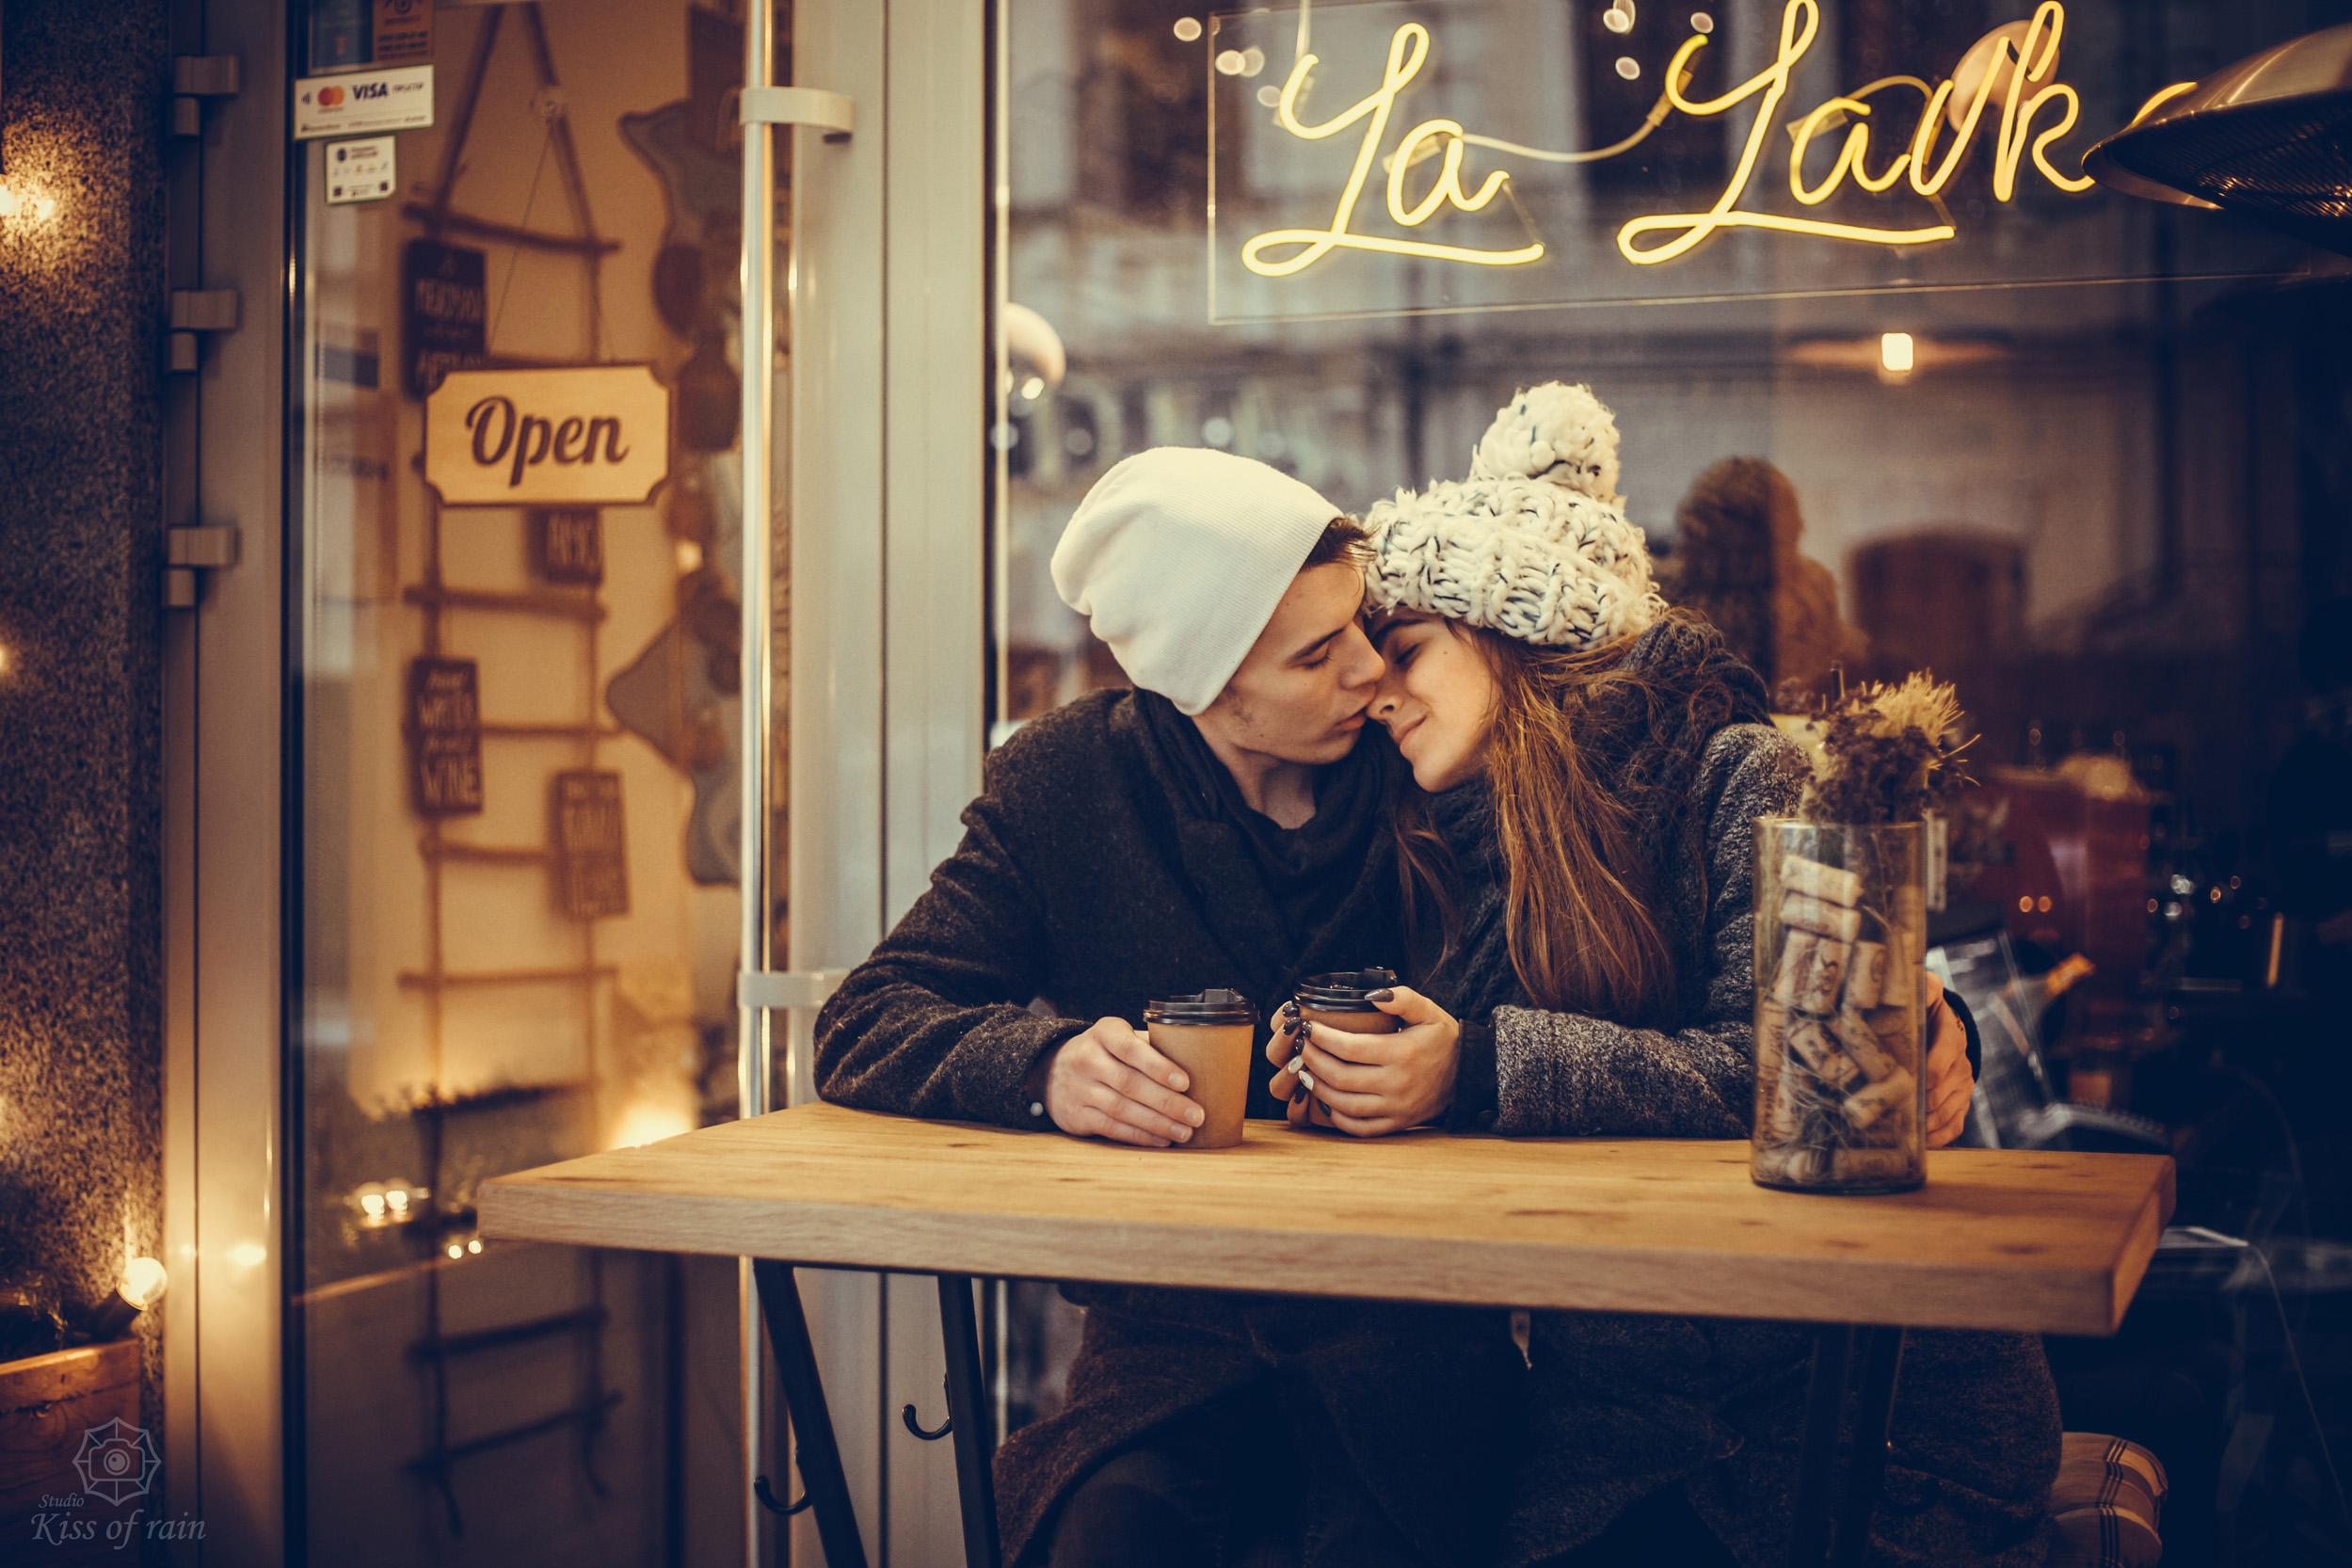 влюблённая парочка ночью фото, лавстори красивых молодых людей фото, влюблённая пара возле ветрины кафе фото, пара сидит за столиком возле кафе вечером